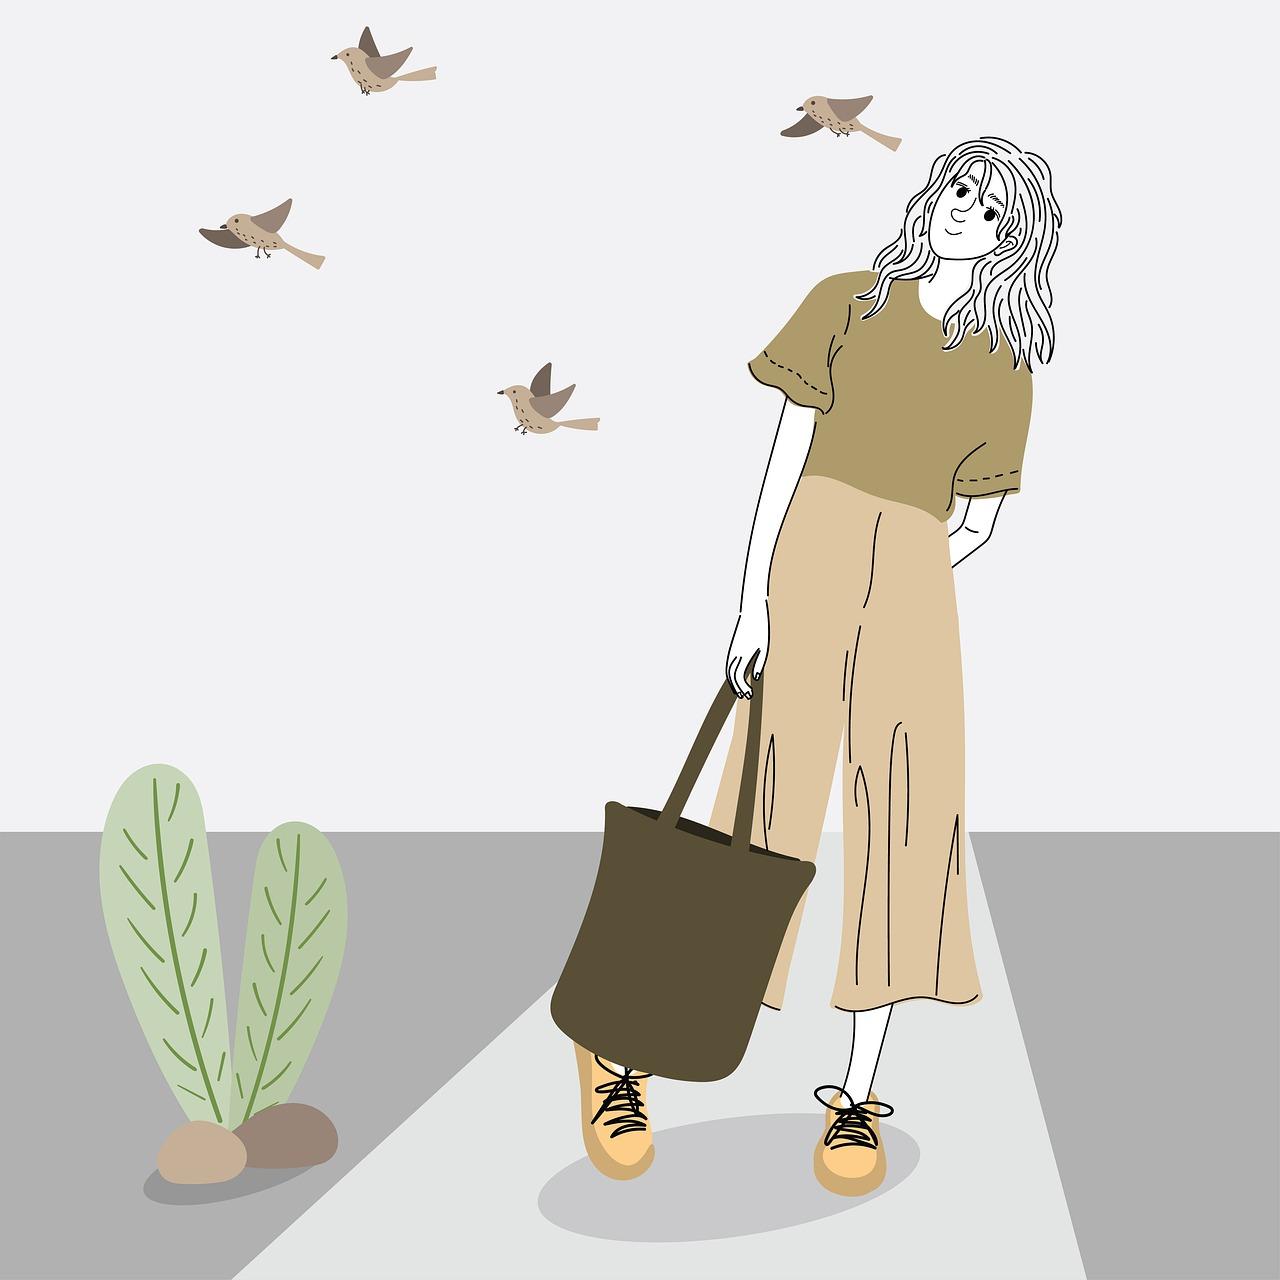 woman, fashion, birds